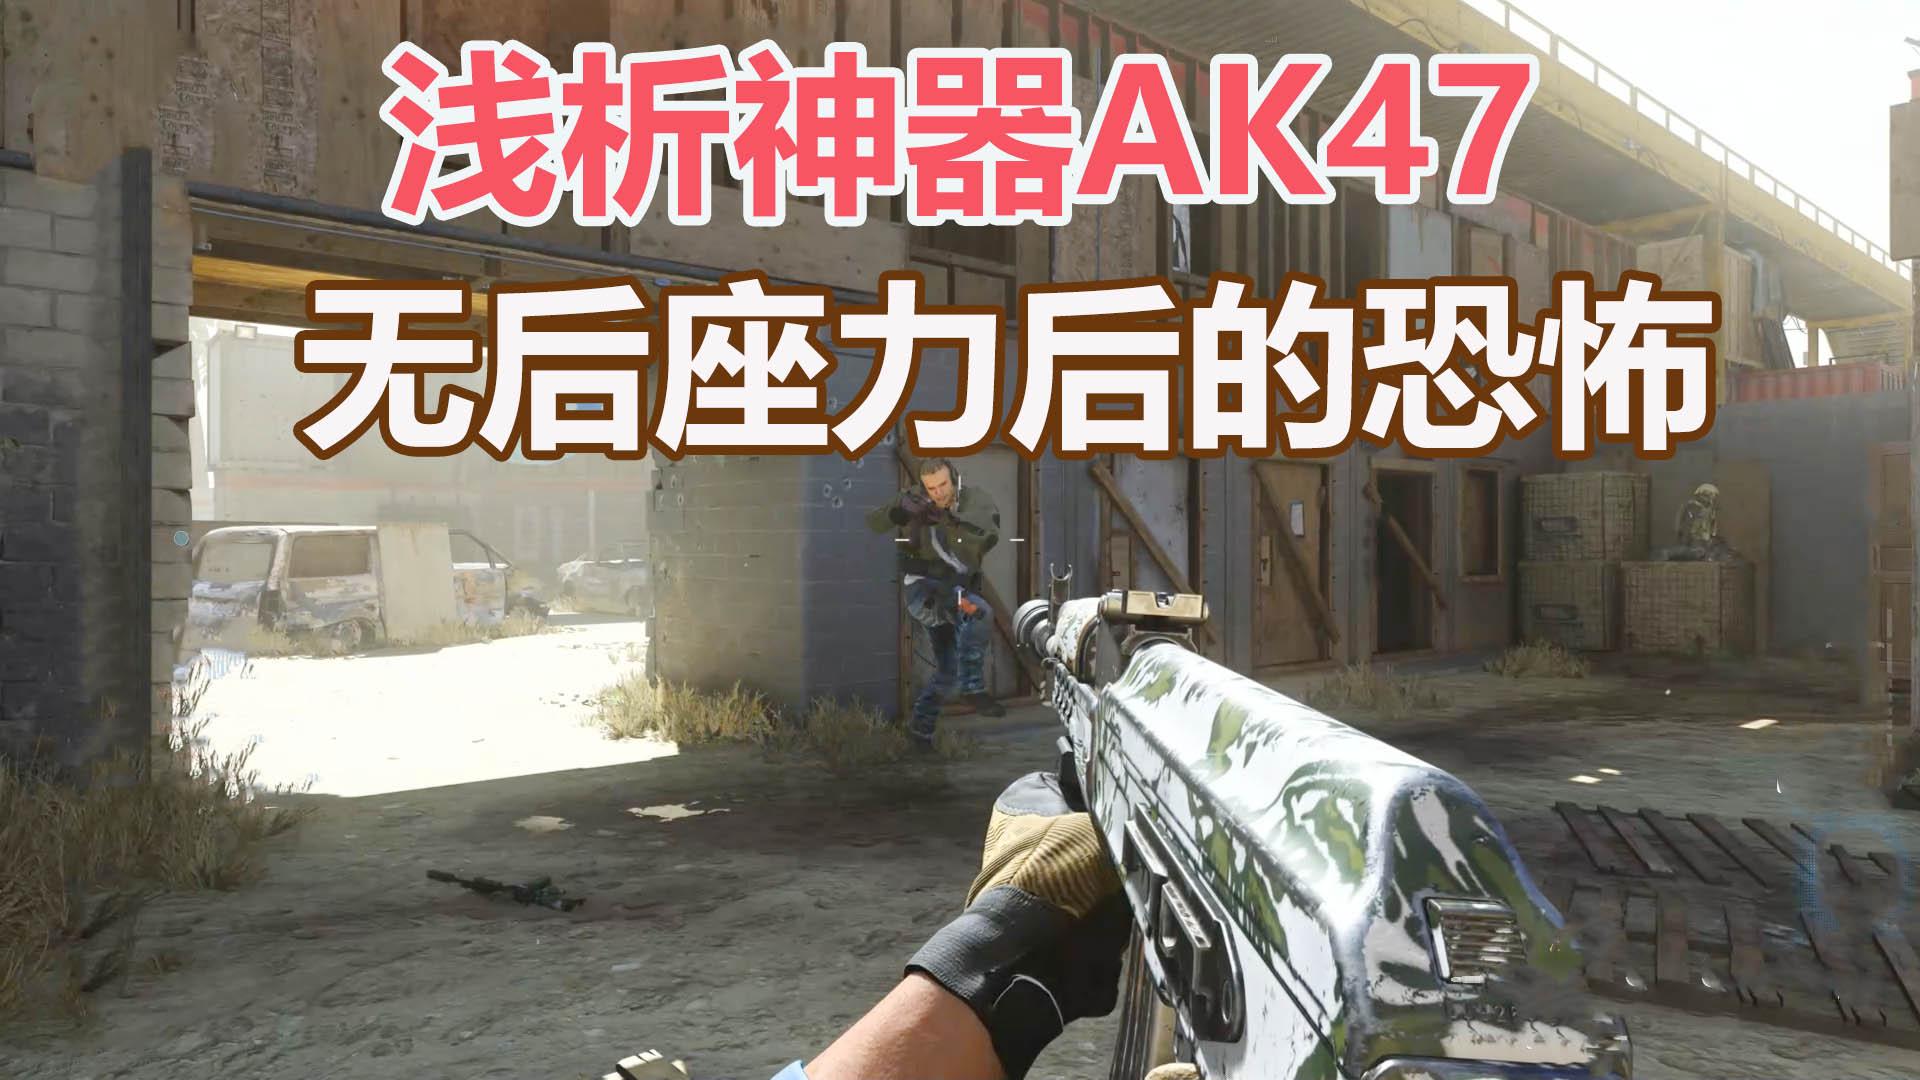 使命召唤16:浅析神器AK47的搭配方式,实战演示无后座力后的恐怖